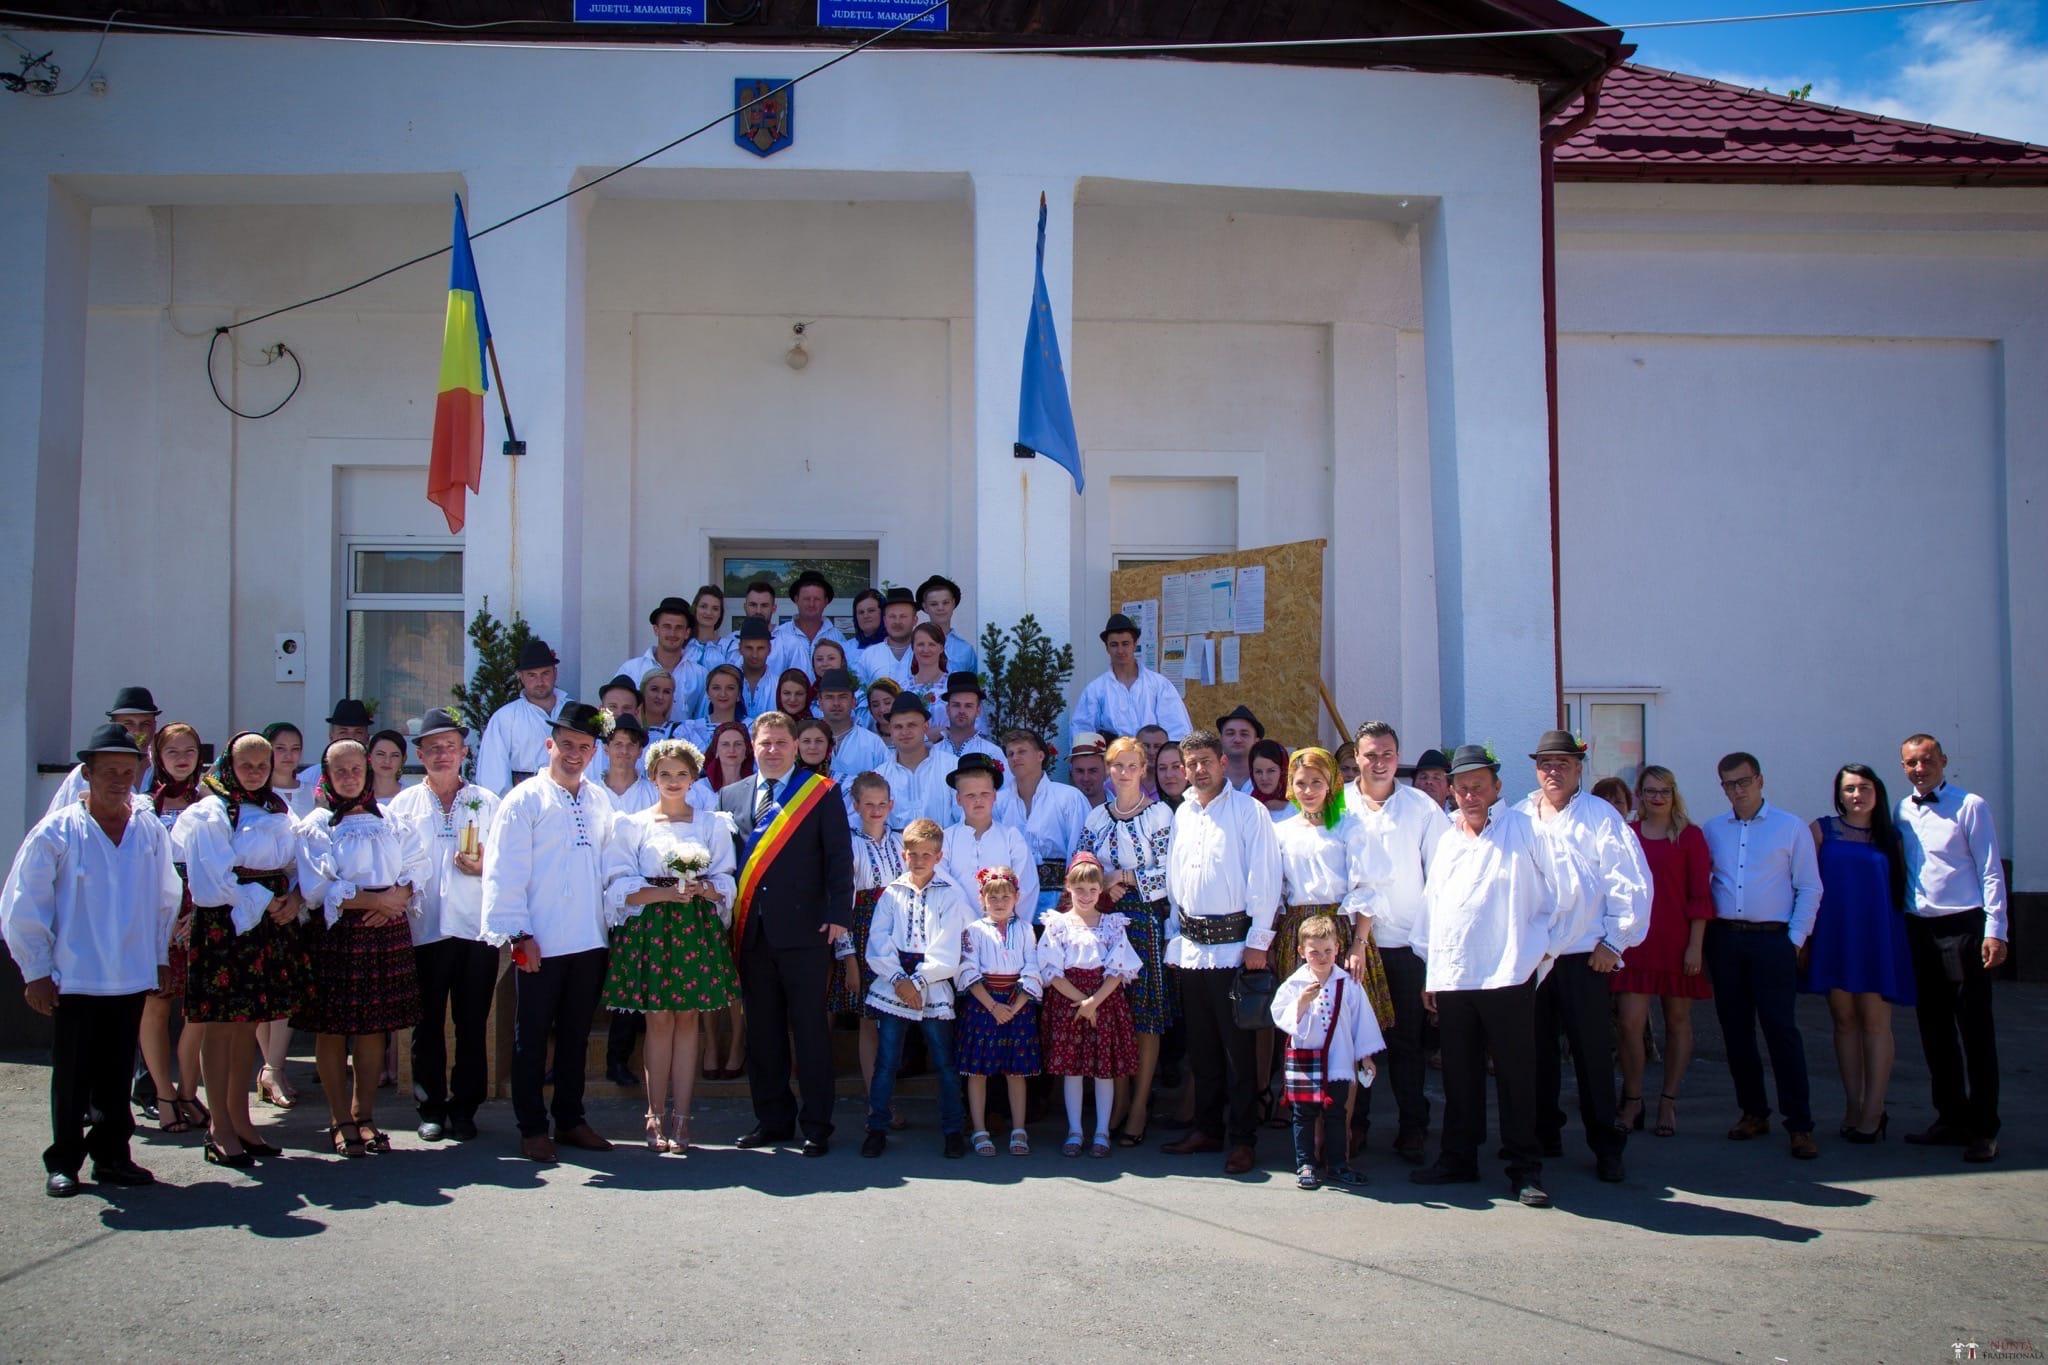 Povești Nunți Tradiționale - Ancuța și Nicu, cununie tradițională în Giulești, Maramureș 28